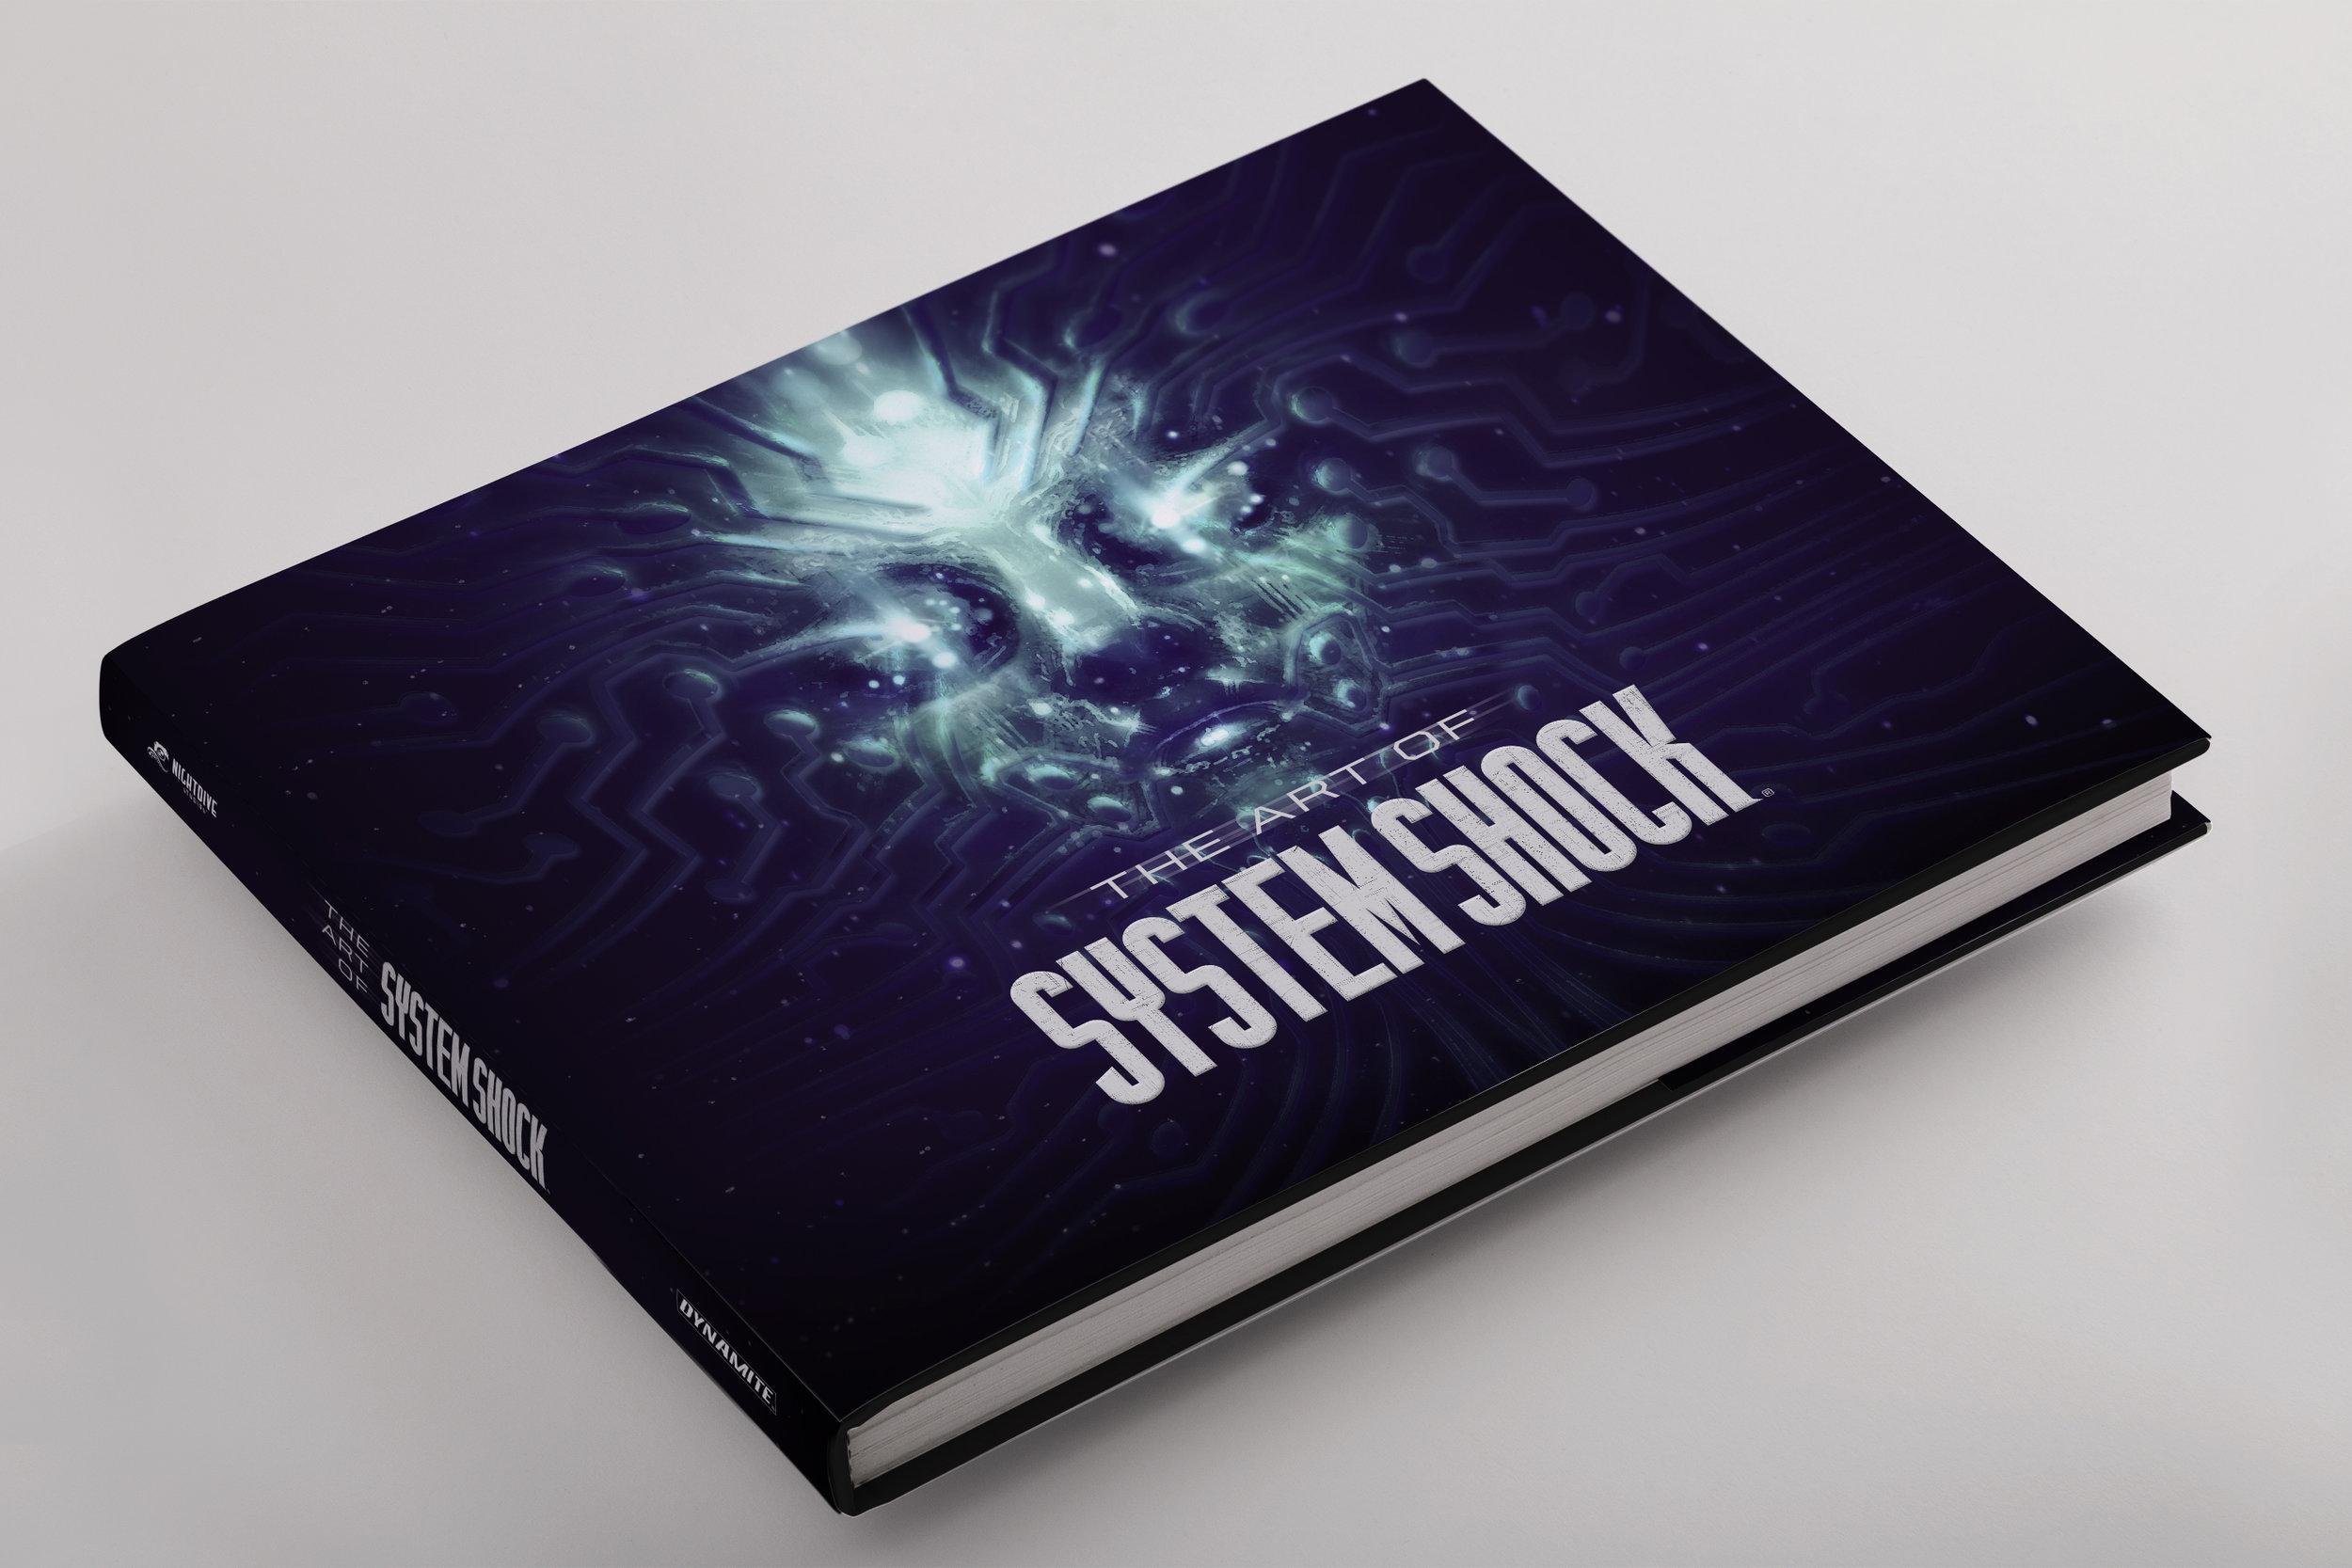 SS-hardcover-art-book-cover.jpg